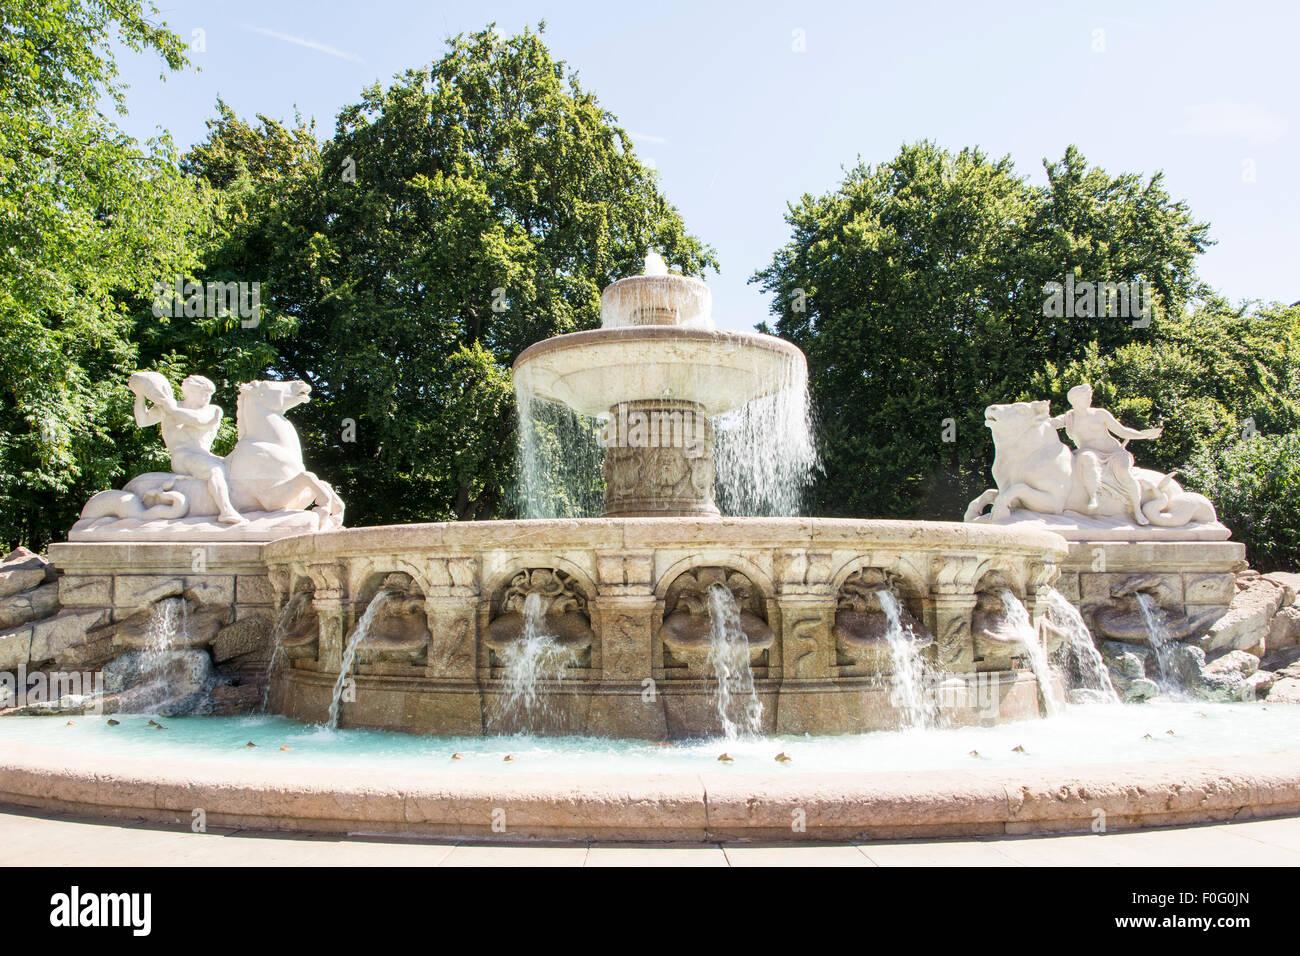 The Wittelsbacher Brunnen at the Lenbachplatz in Munich. The fountain was built 1895 by Adolf von Hildebrand. - Stock Image